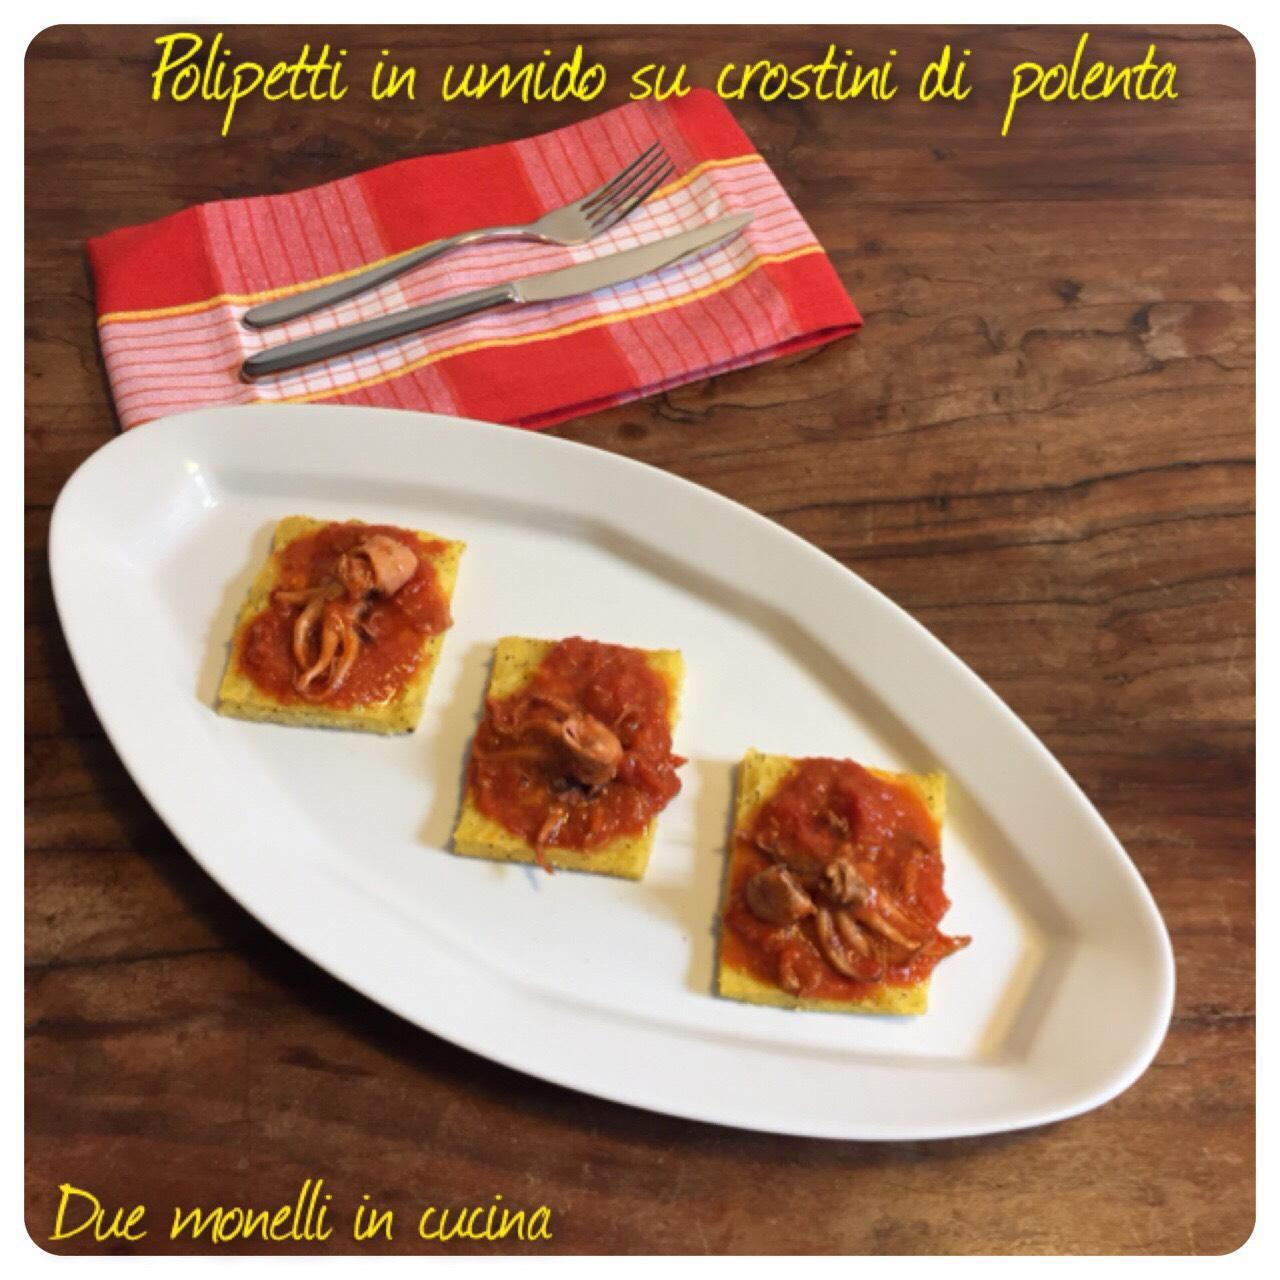 Polipetti in umido su crostini di polenta